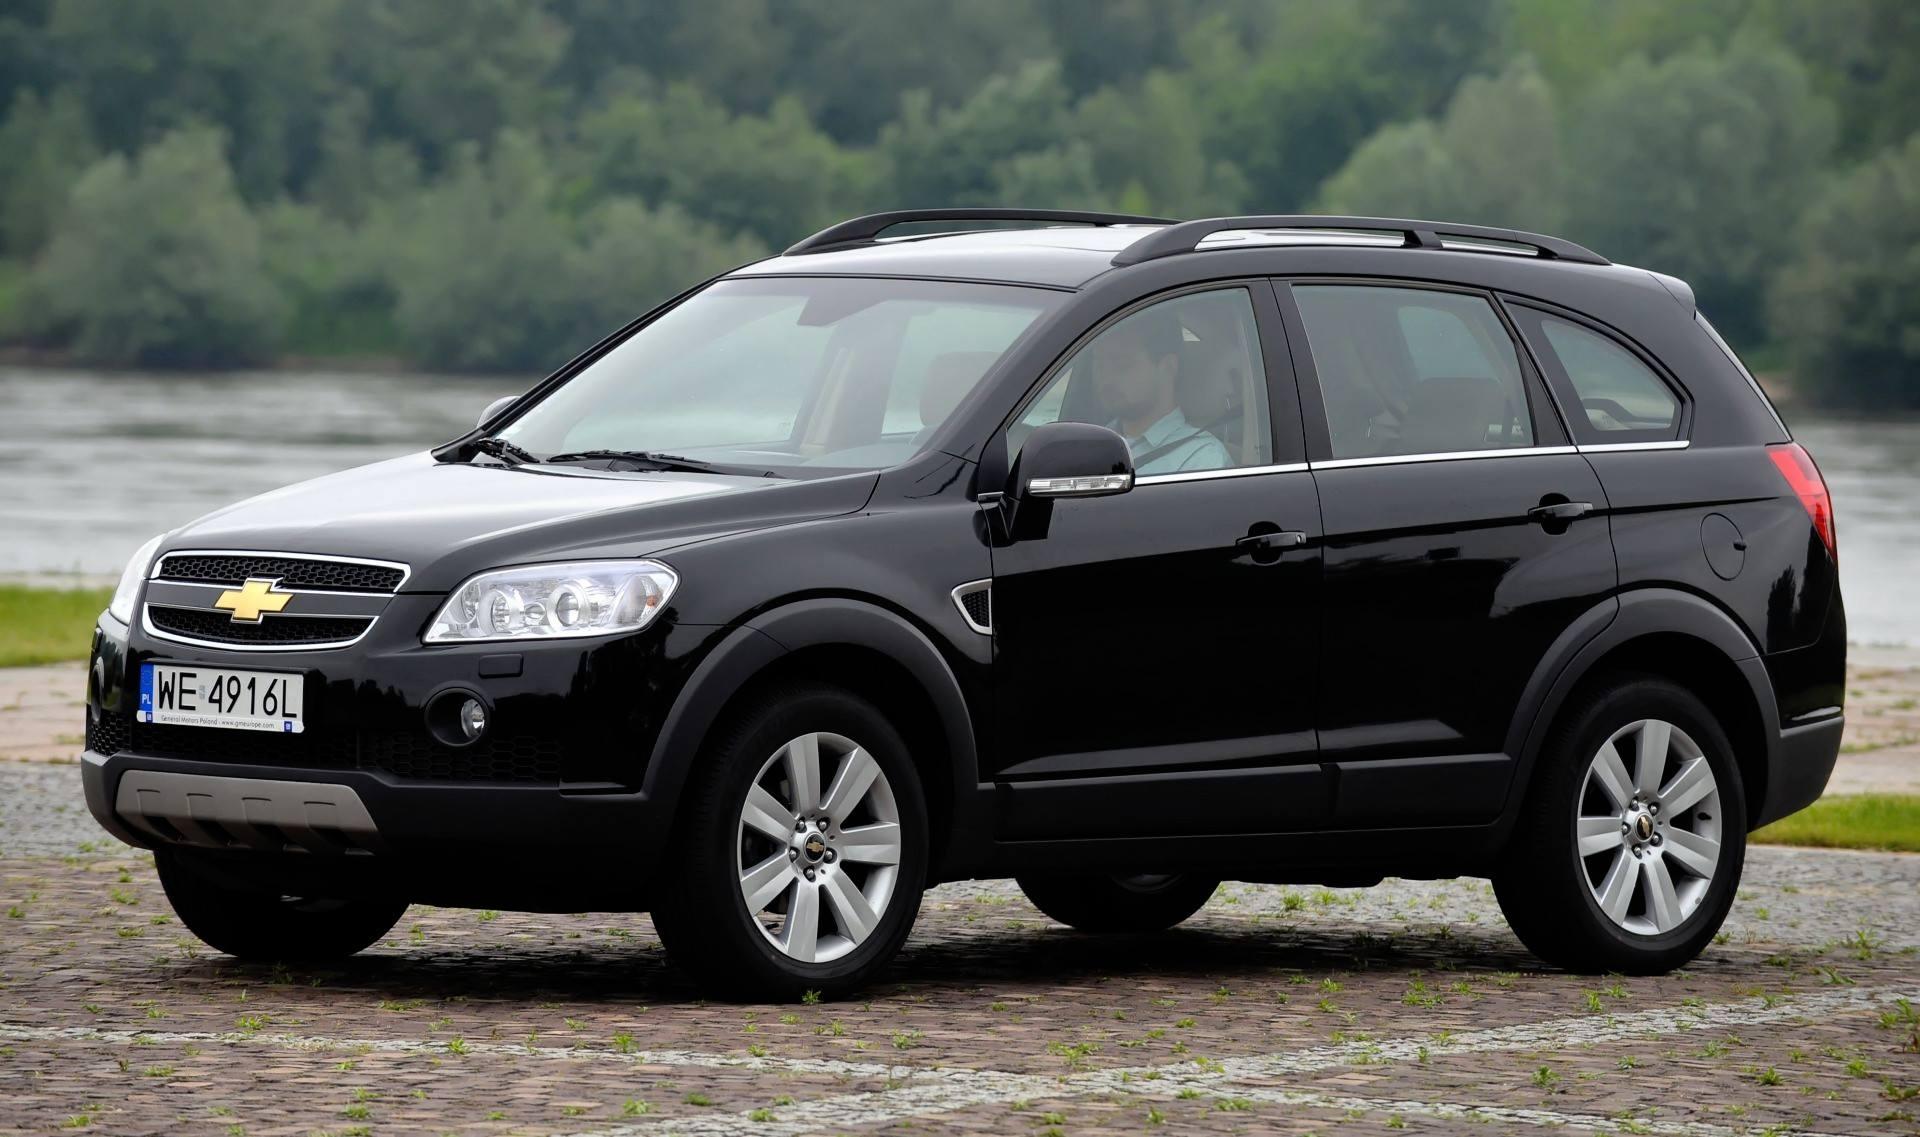 Używant Chevrolet Captiva 2006 2015 opinie użytkownik³w